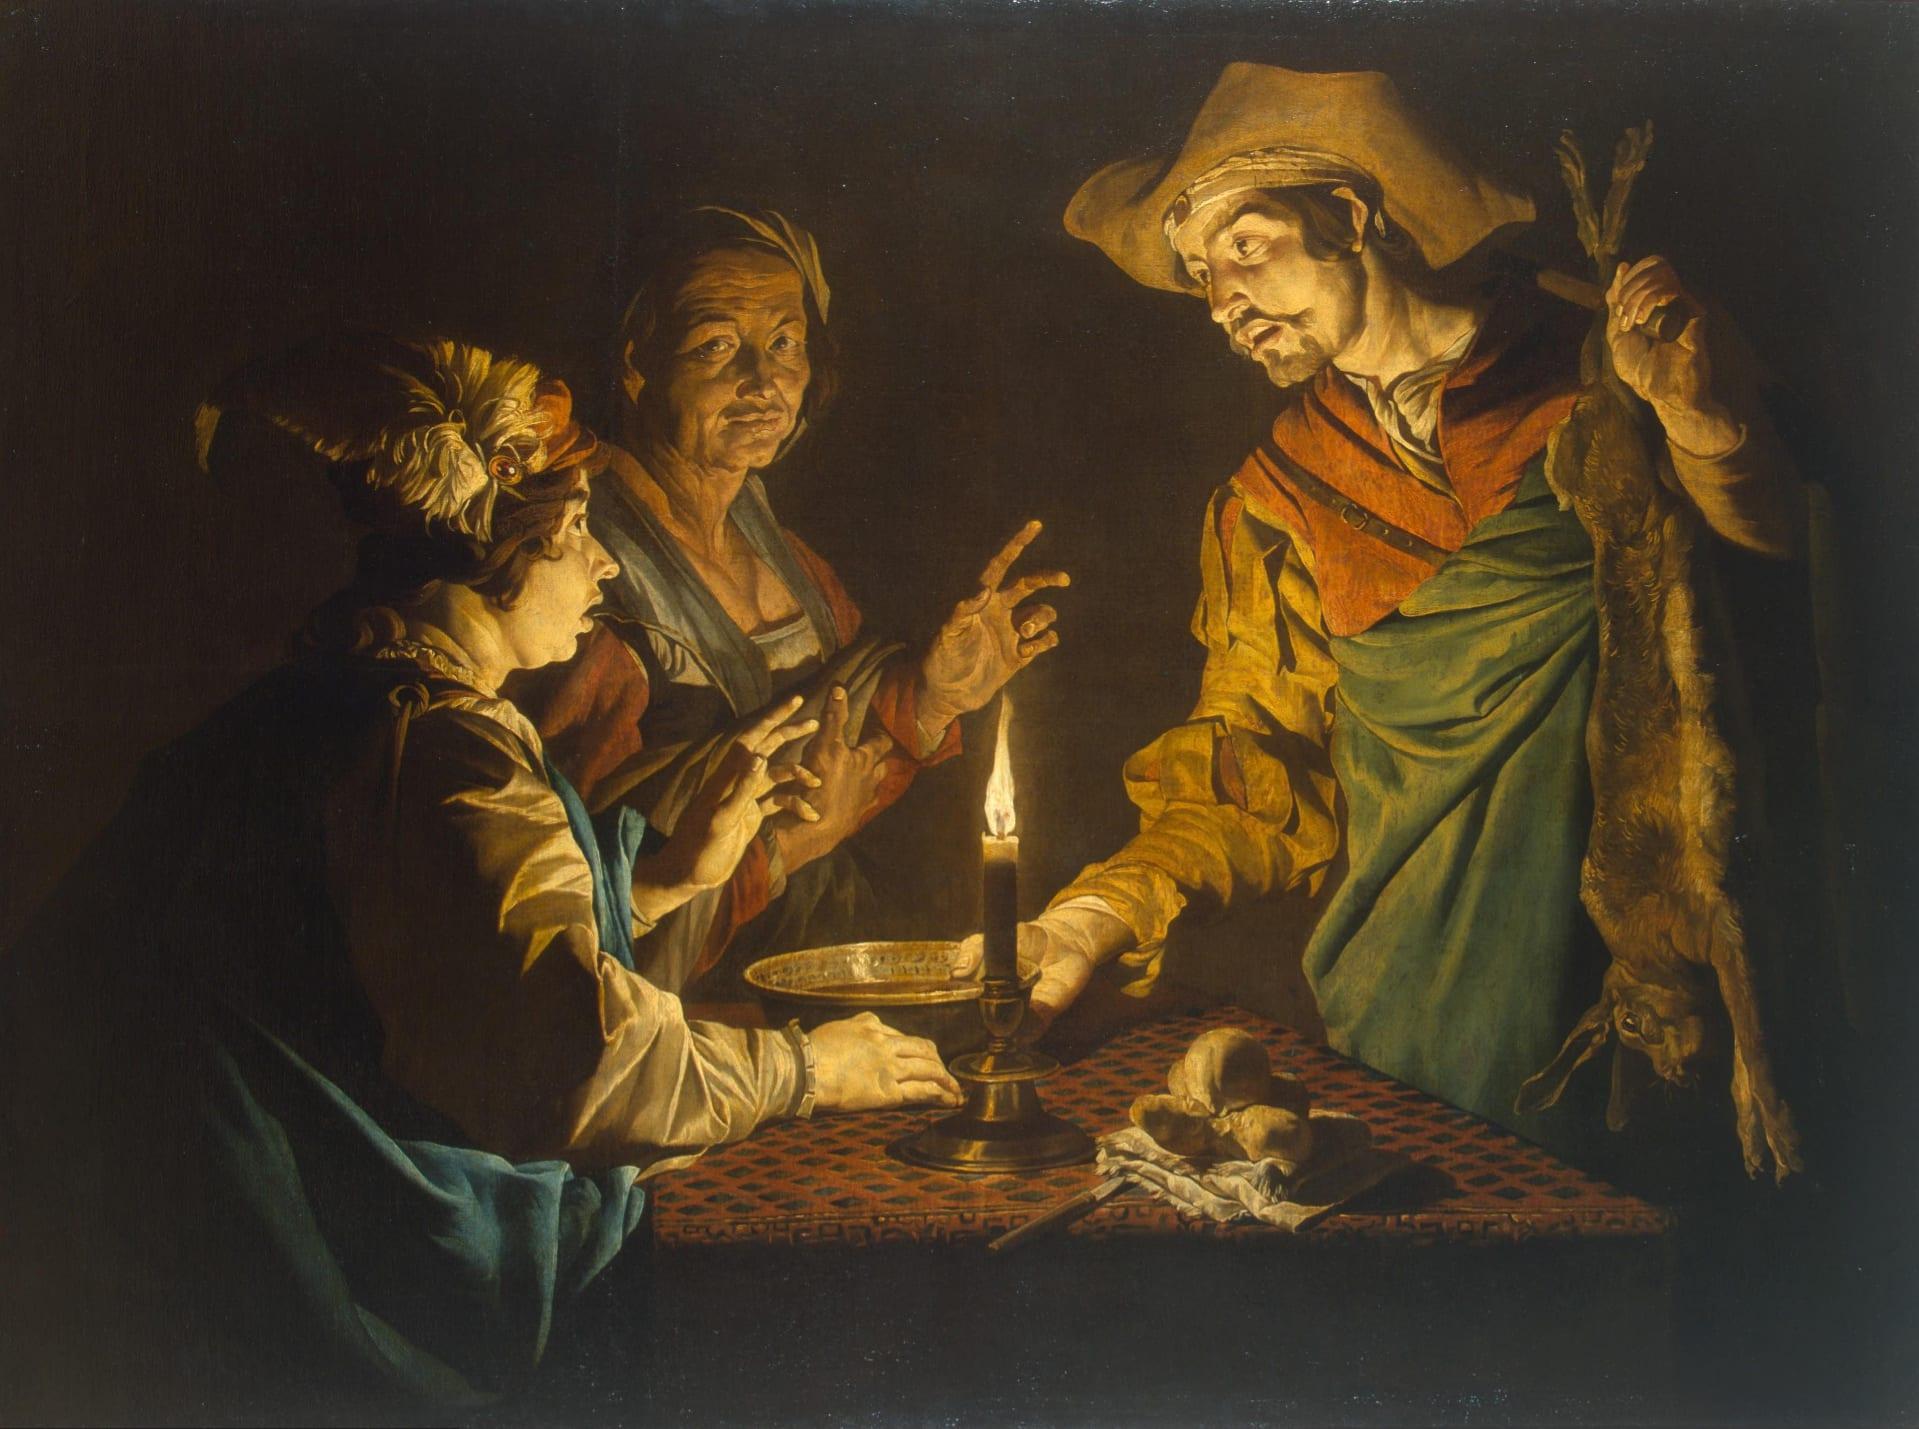 יעקב ועשו, ציור מהמאה ה-17 של הצייר ההולנדי מתיאס שטורם